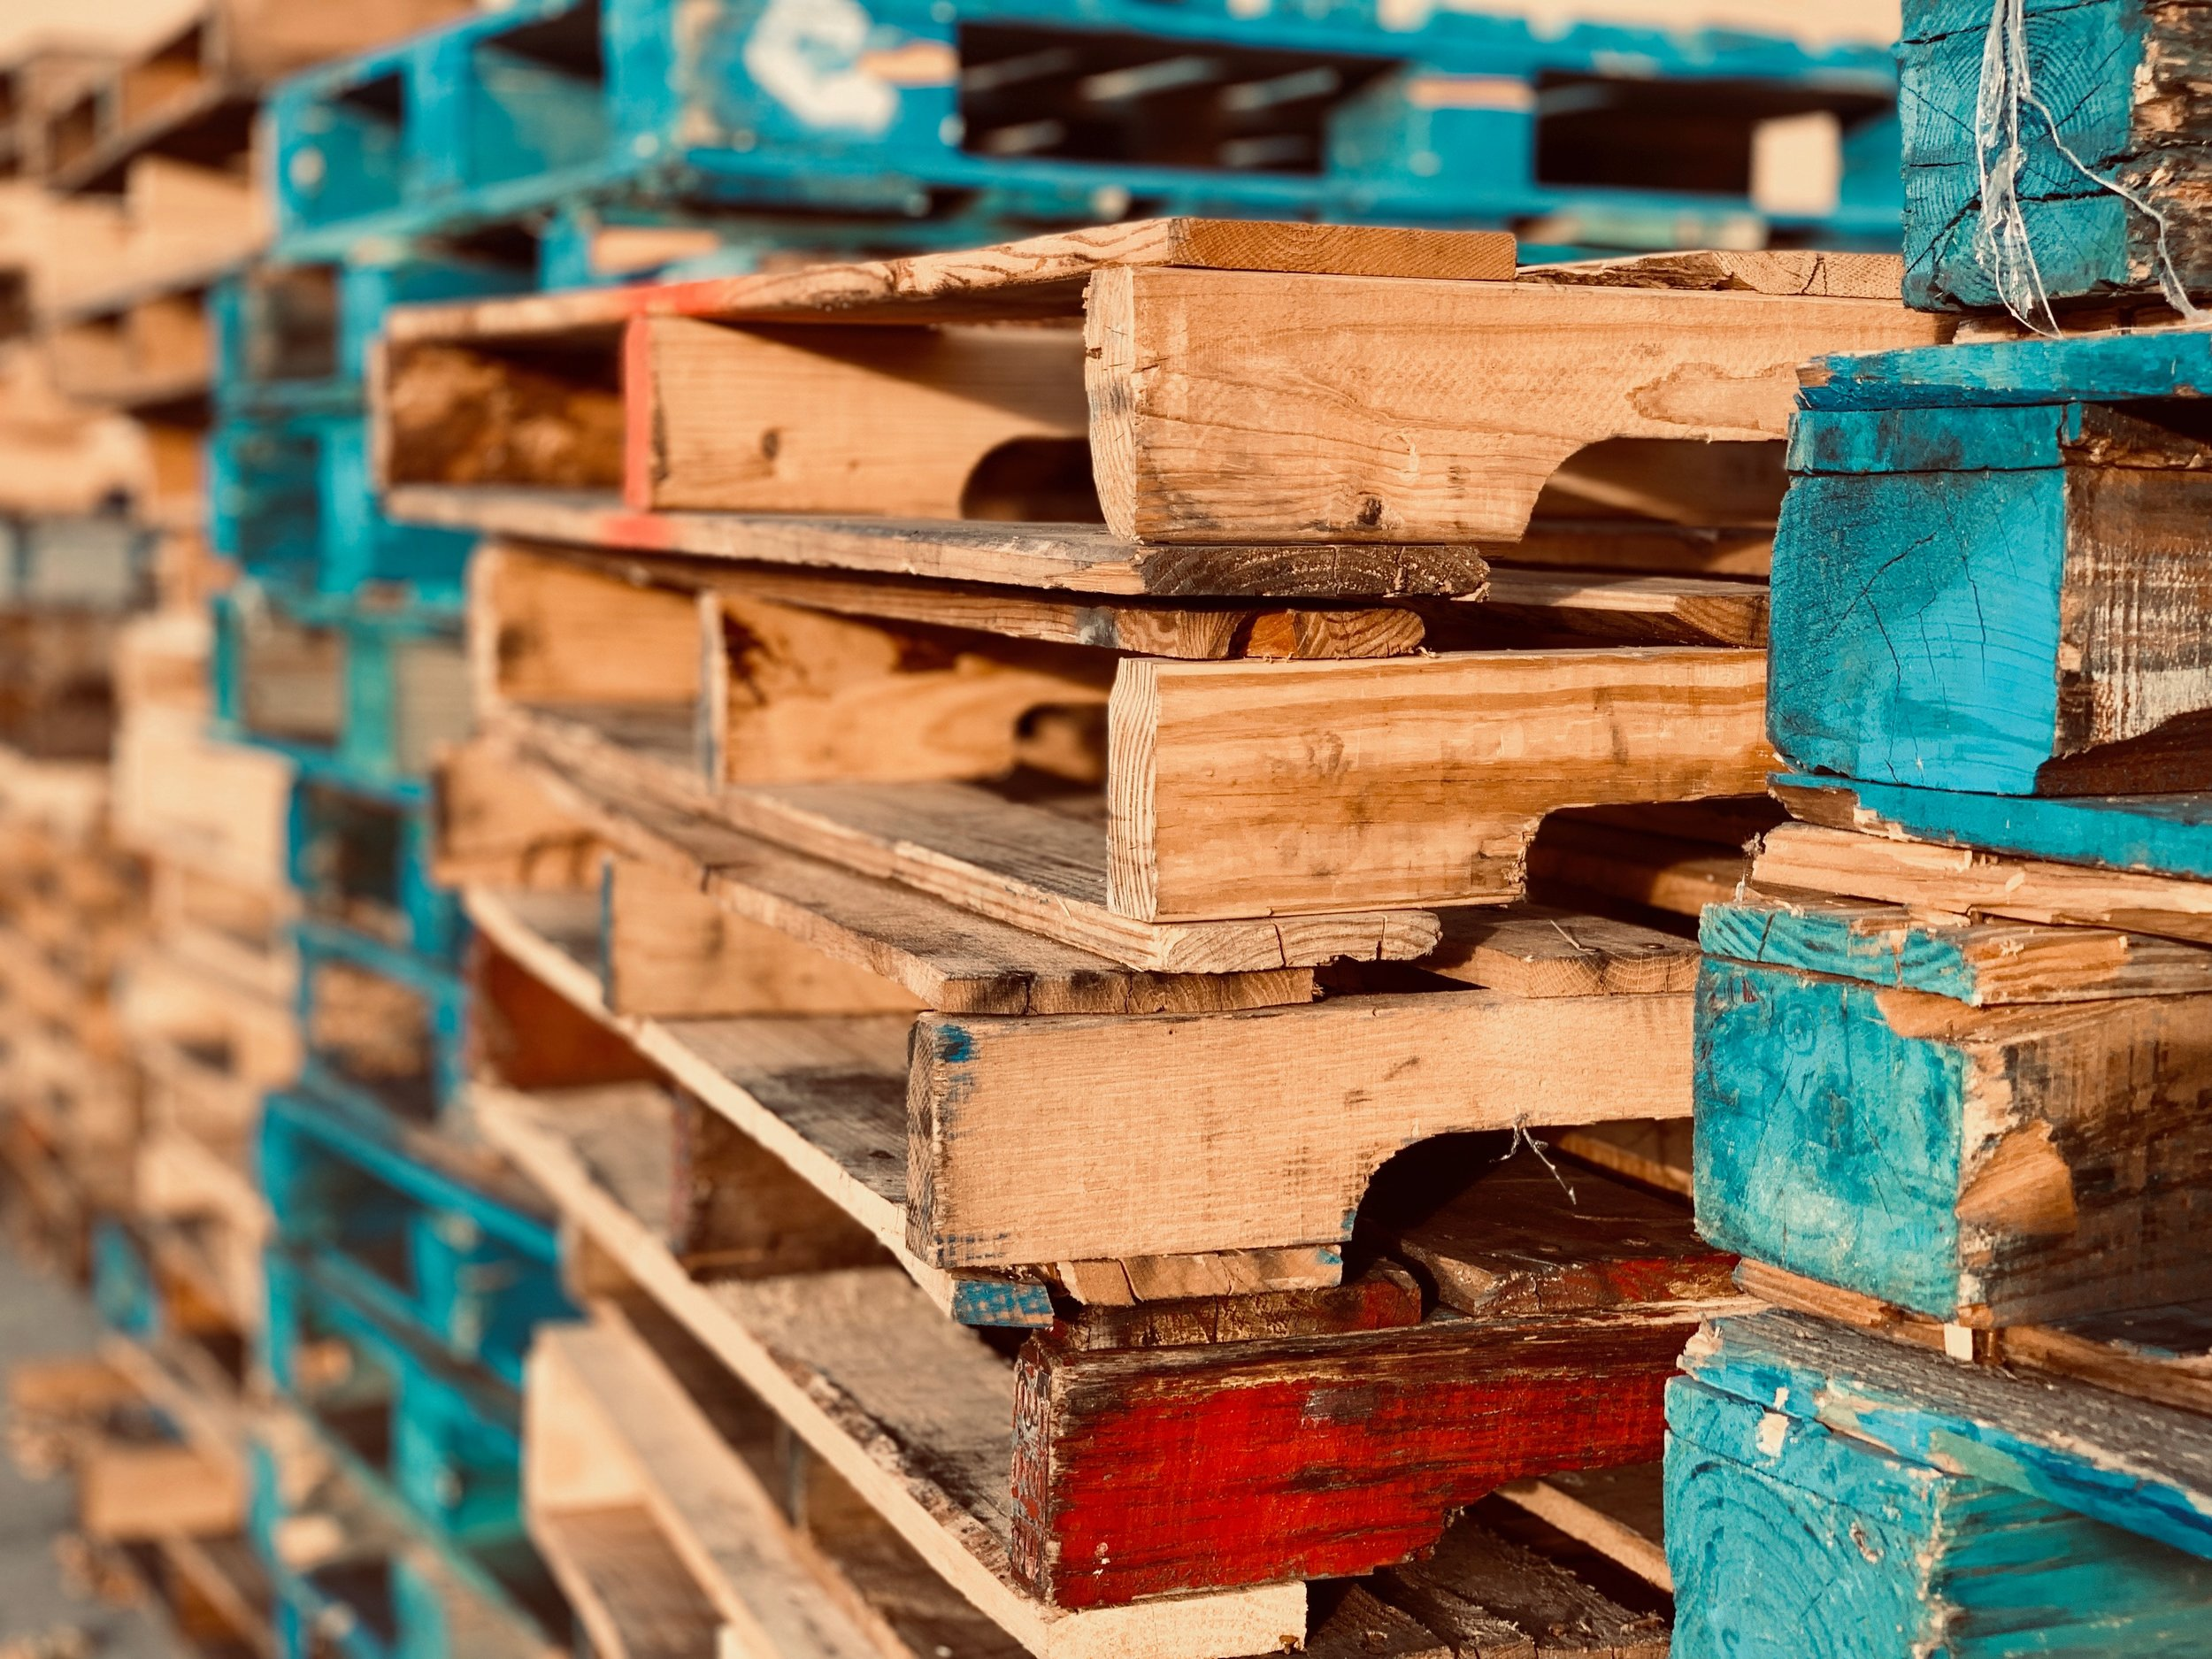 pallets-pile-stack-1684989.jpg